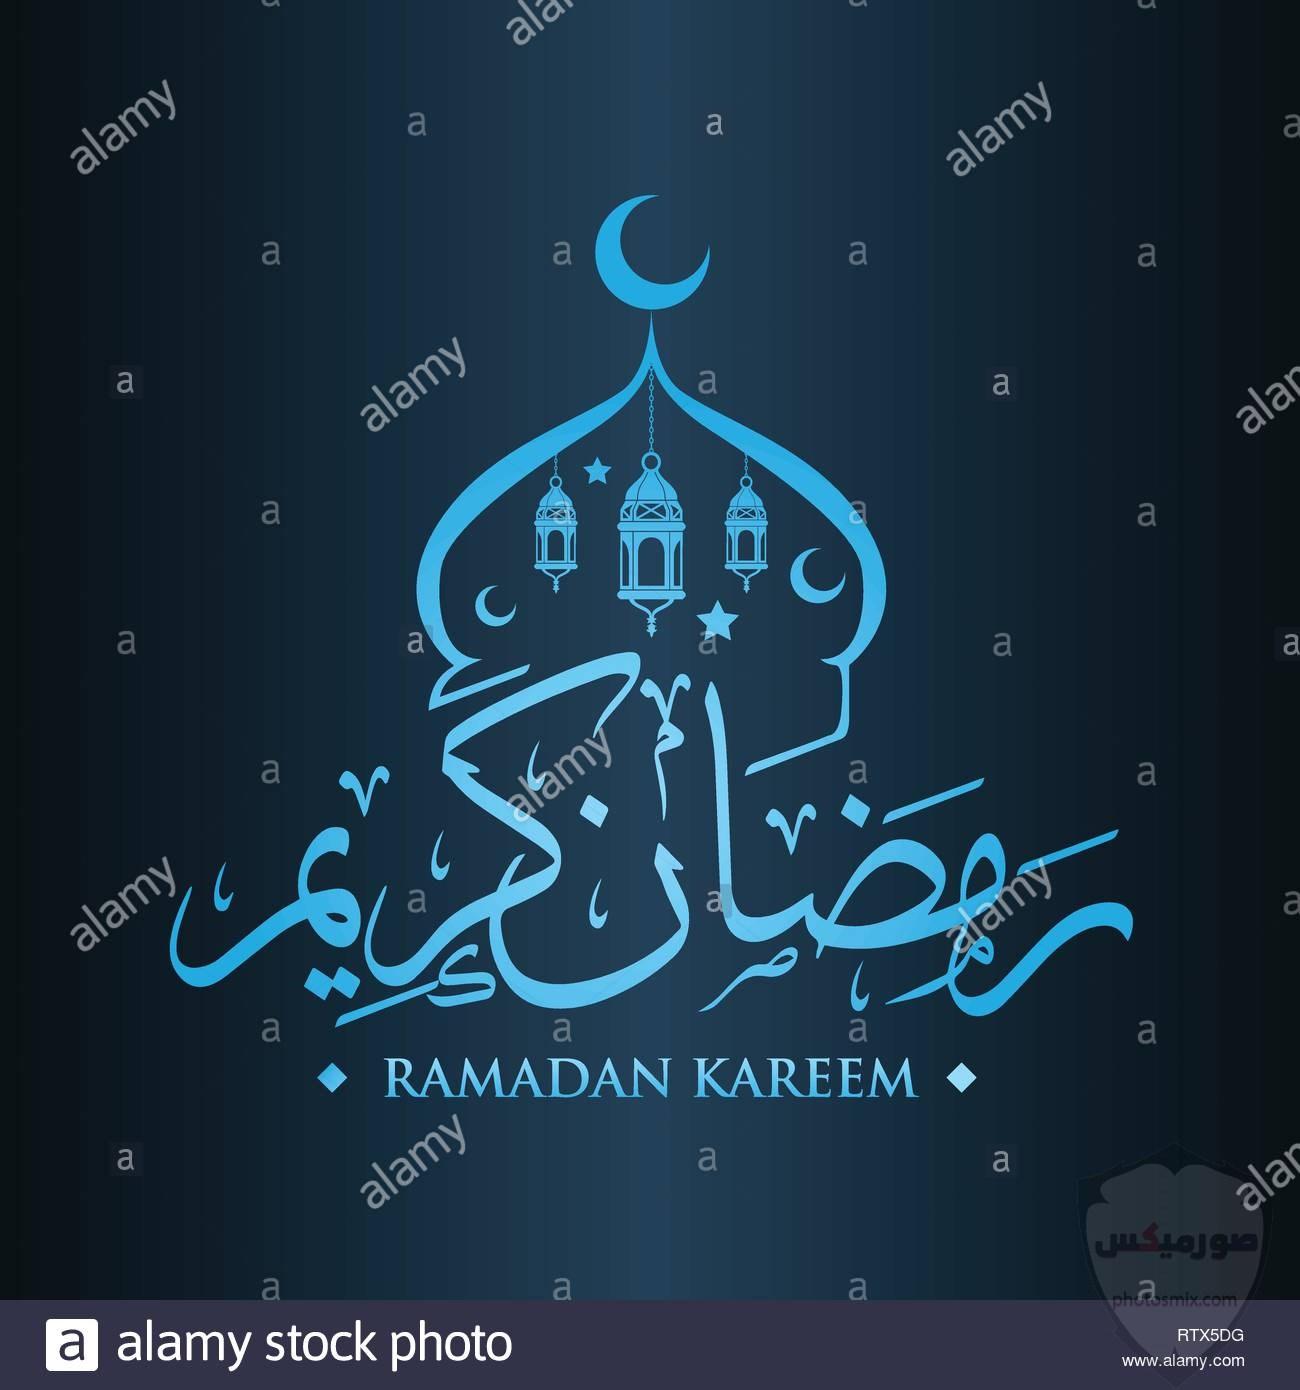 صور رمضان 2020 خلفيات صور رمضان 2020 12